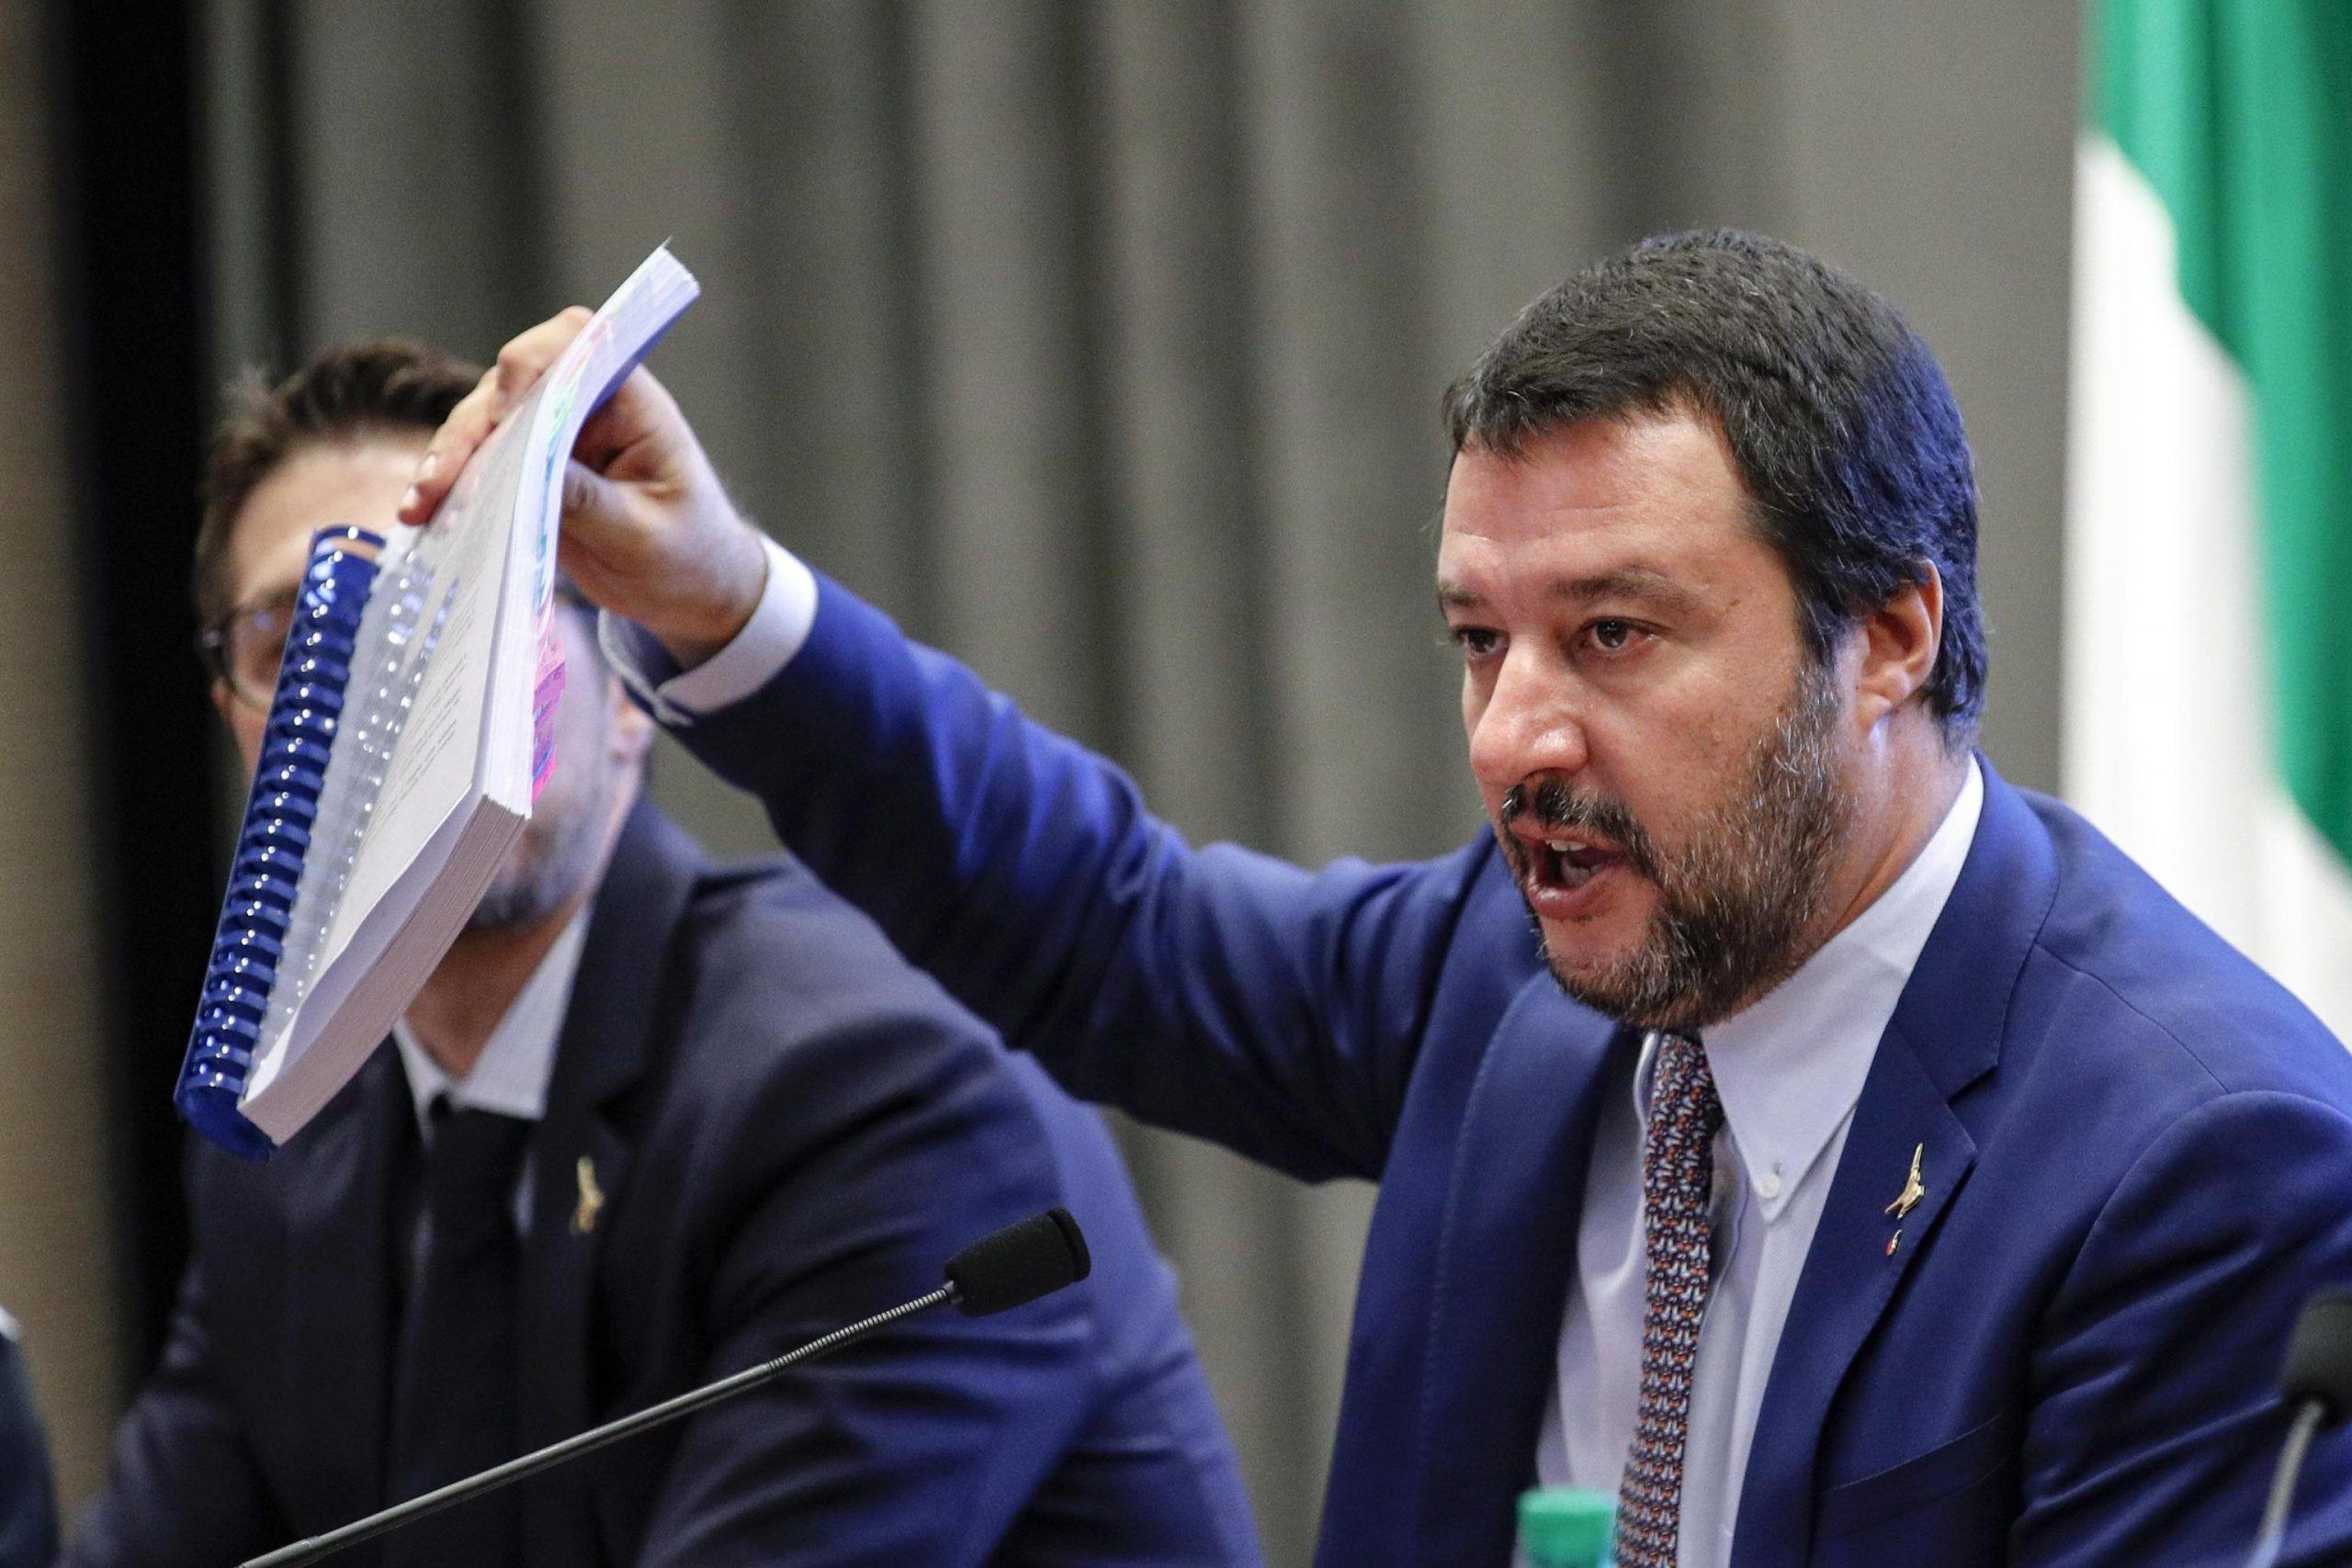 Matteo Salvini annuncia il taglio da 35 a 19 euro per l'accoglienza dei migranti